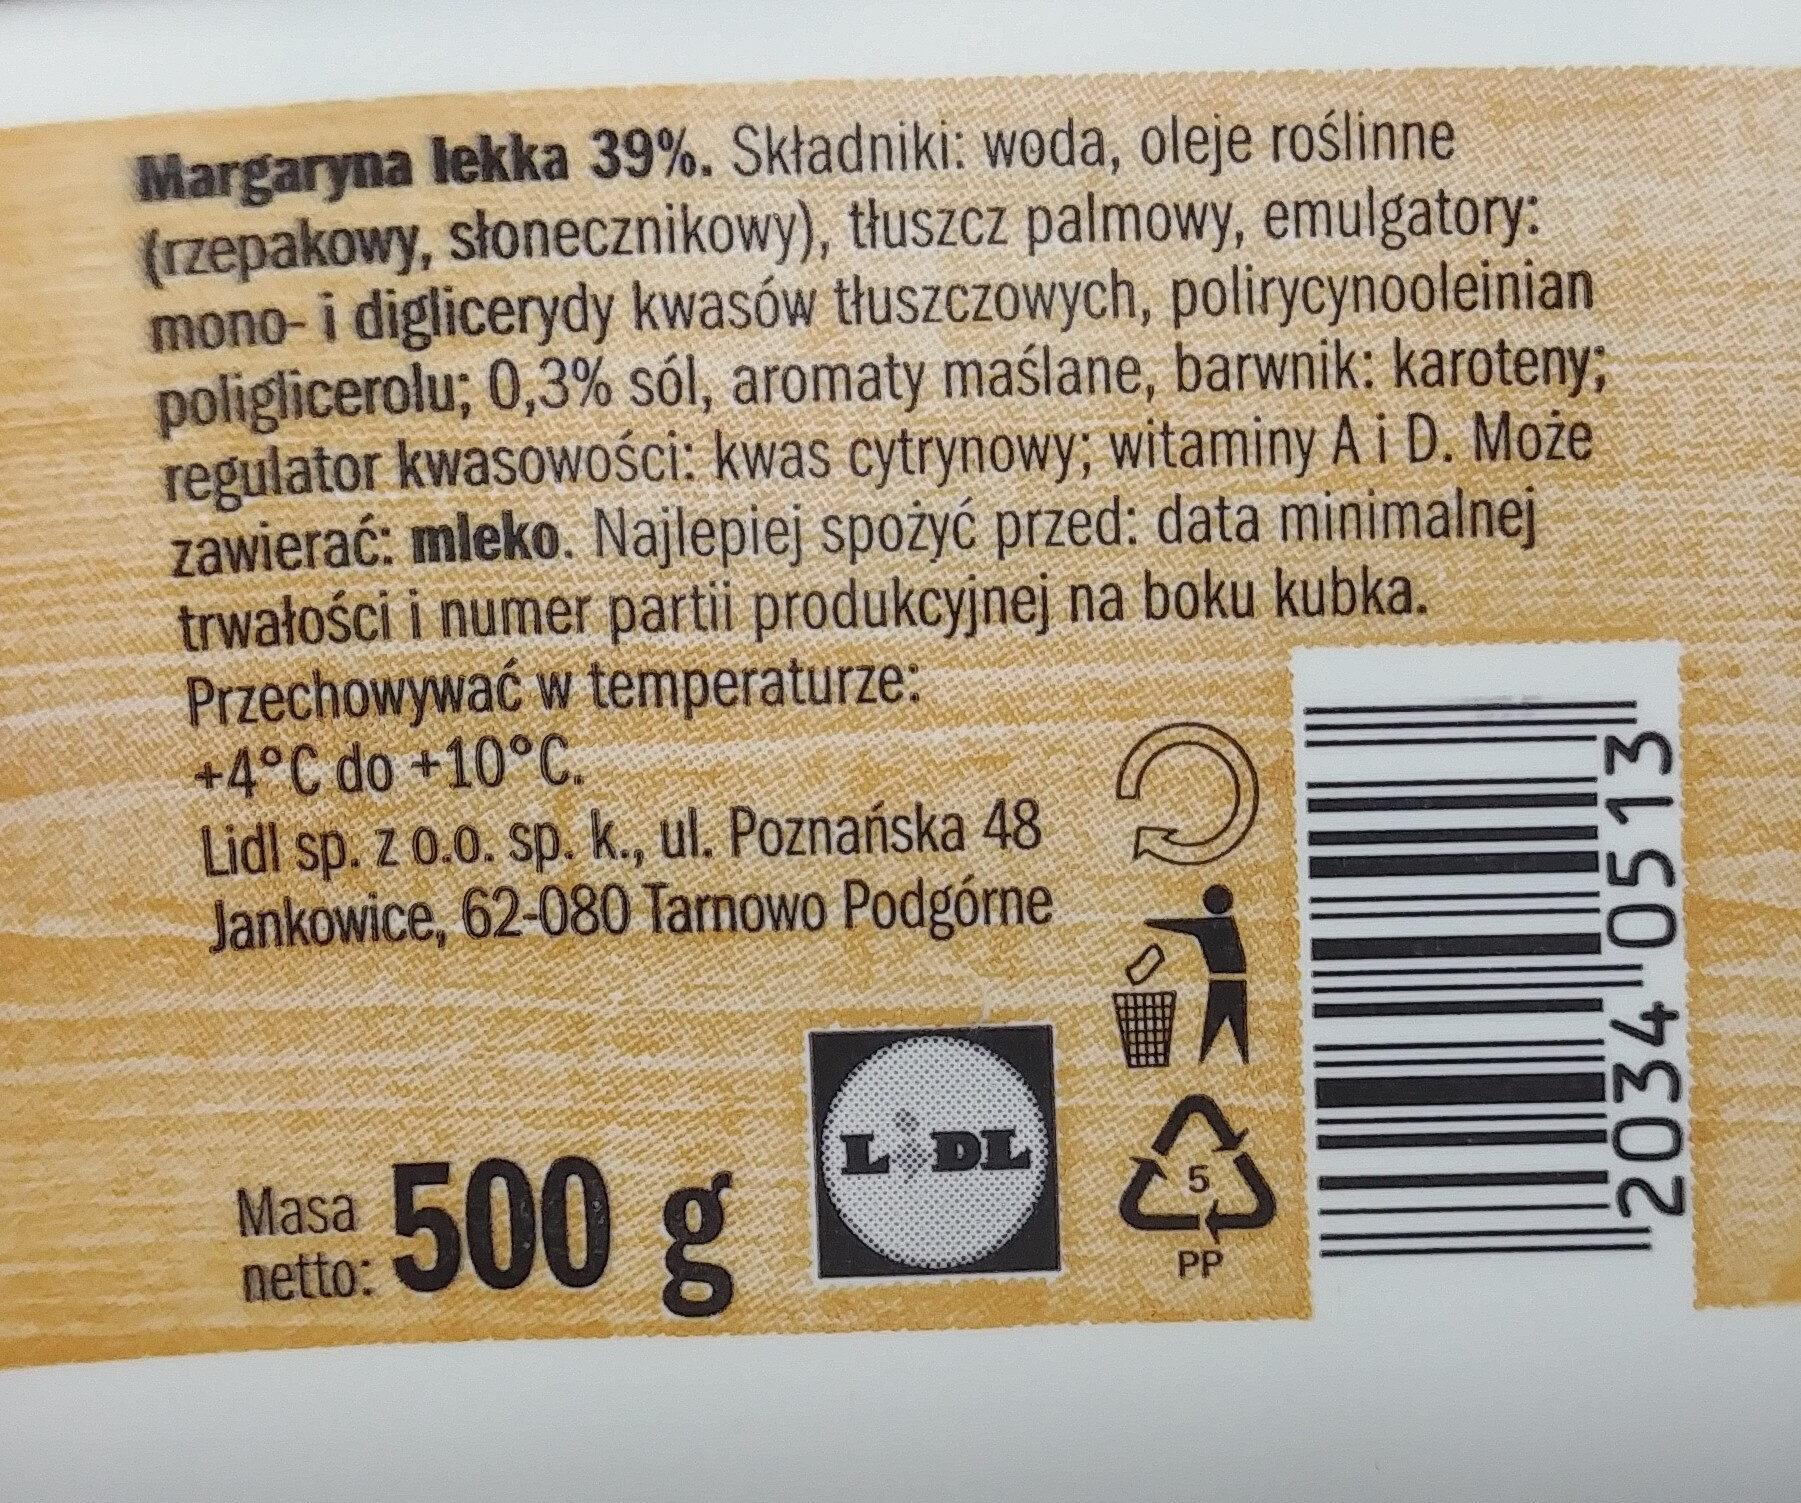 Margaryna lekka 39 %. - Ingredients - pl